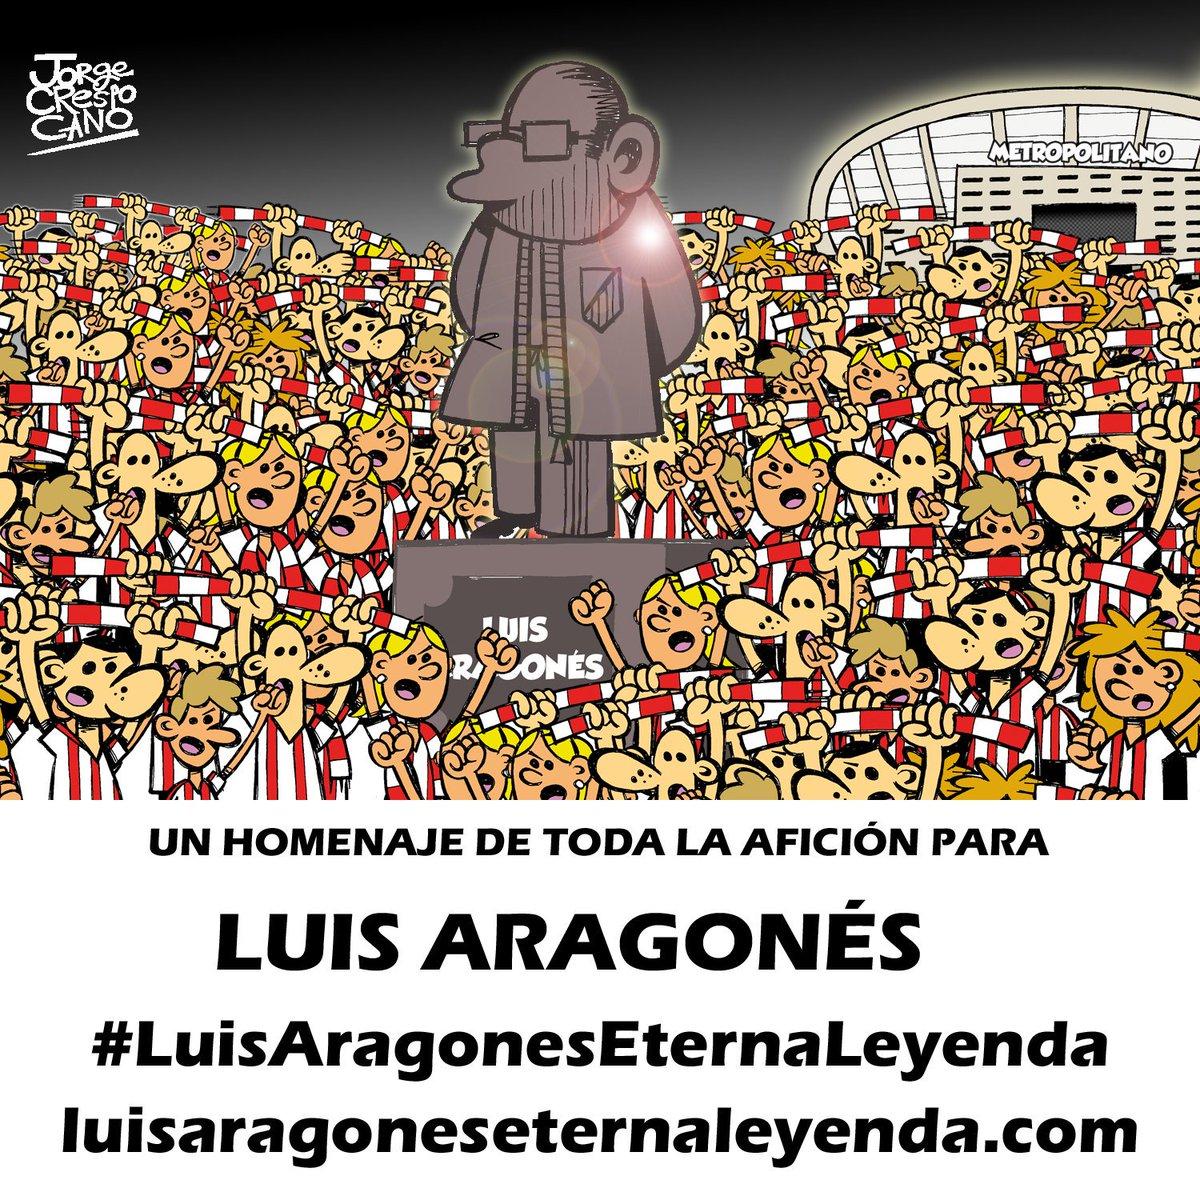 https://www.lanzanos.com/proyectos/luis-aragones-eterna-leyenda/…